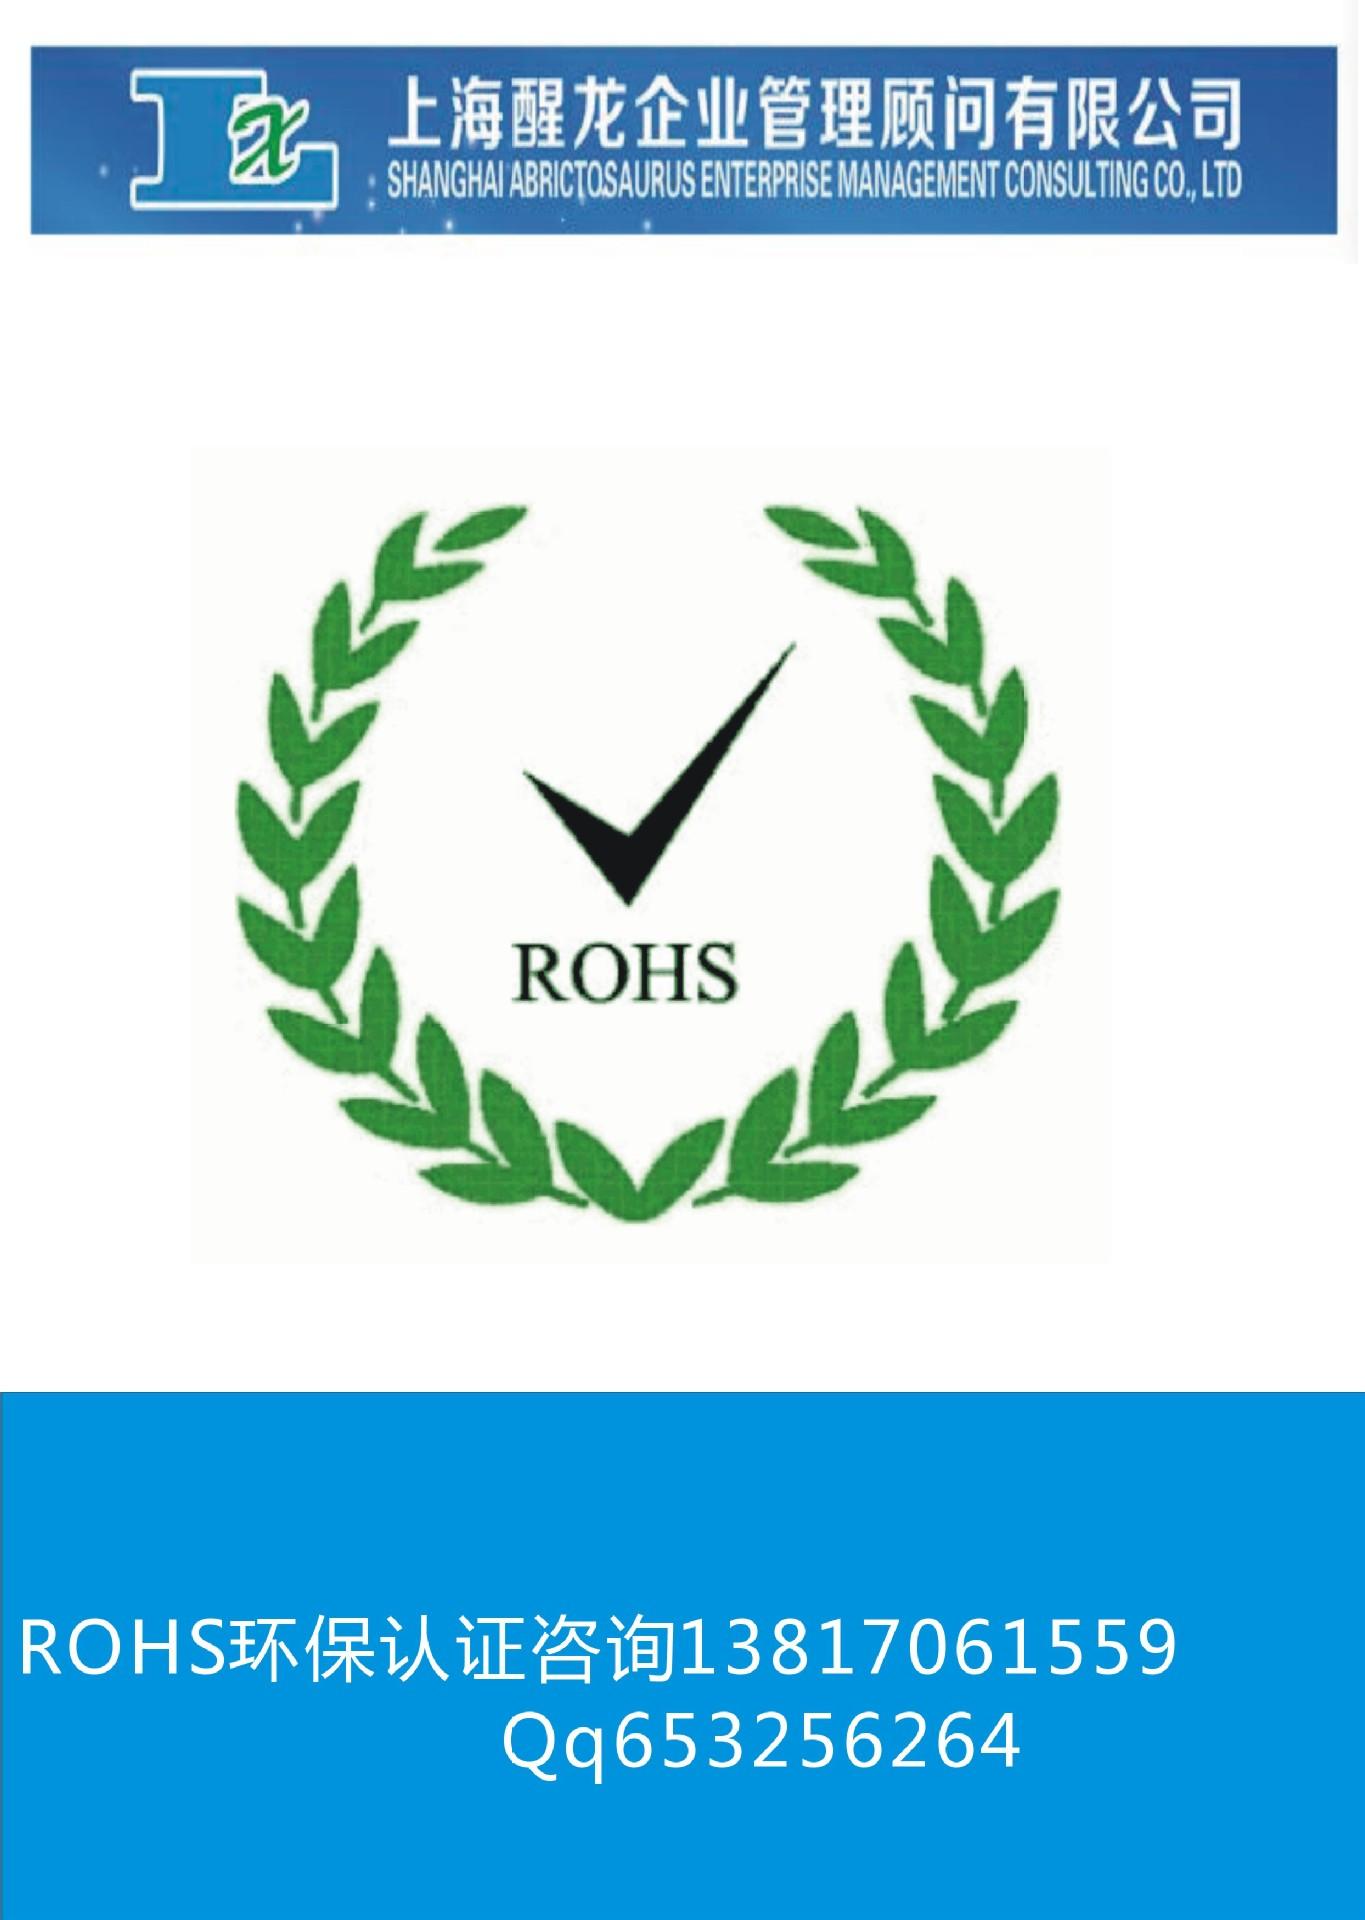 江浙沪RoHS检测认证公司 专业提供RoHS环保检测 RoHS产品认证服务